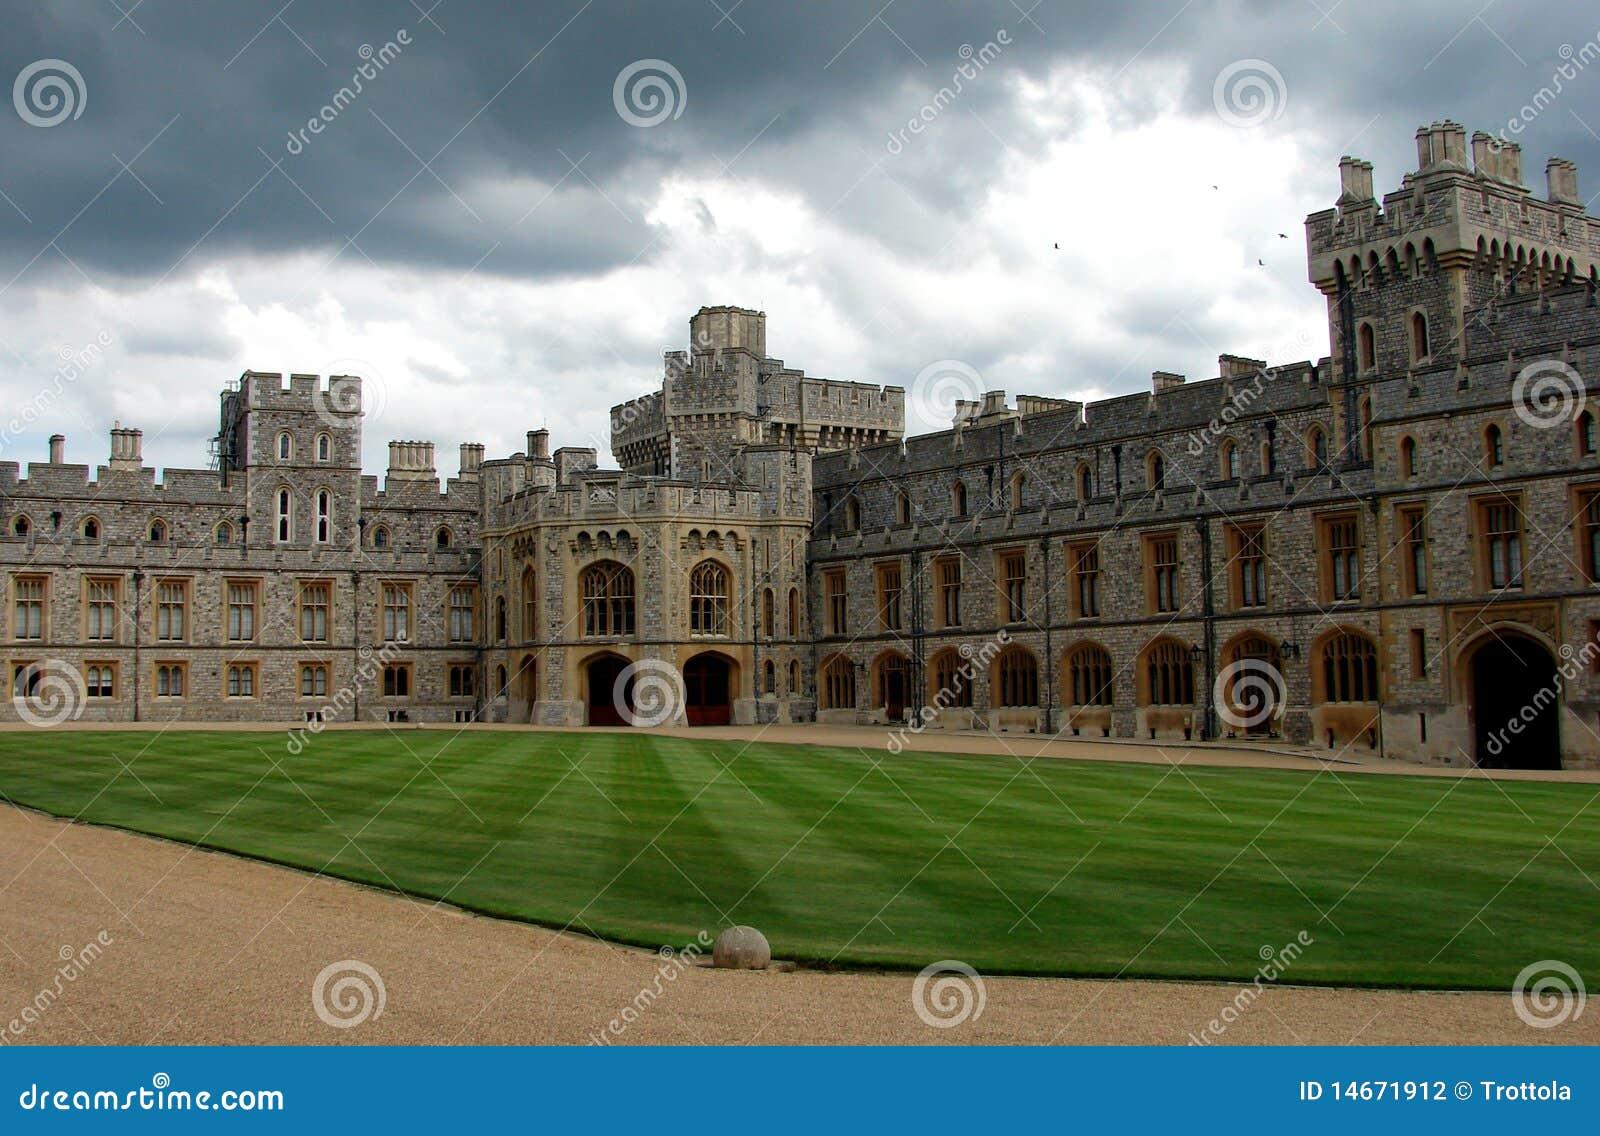 Castelo de Windsor o pátio